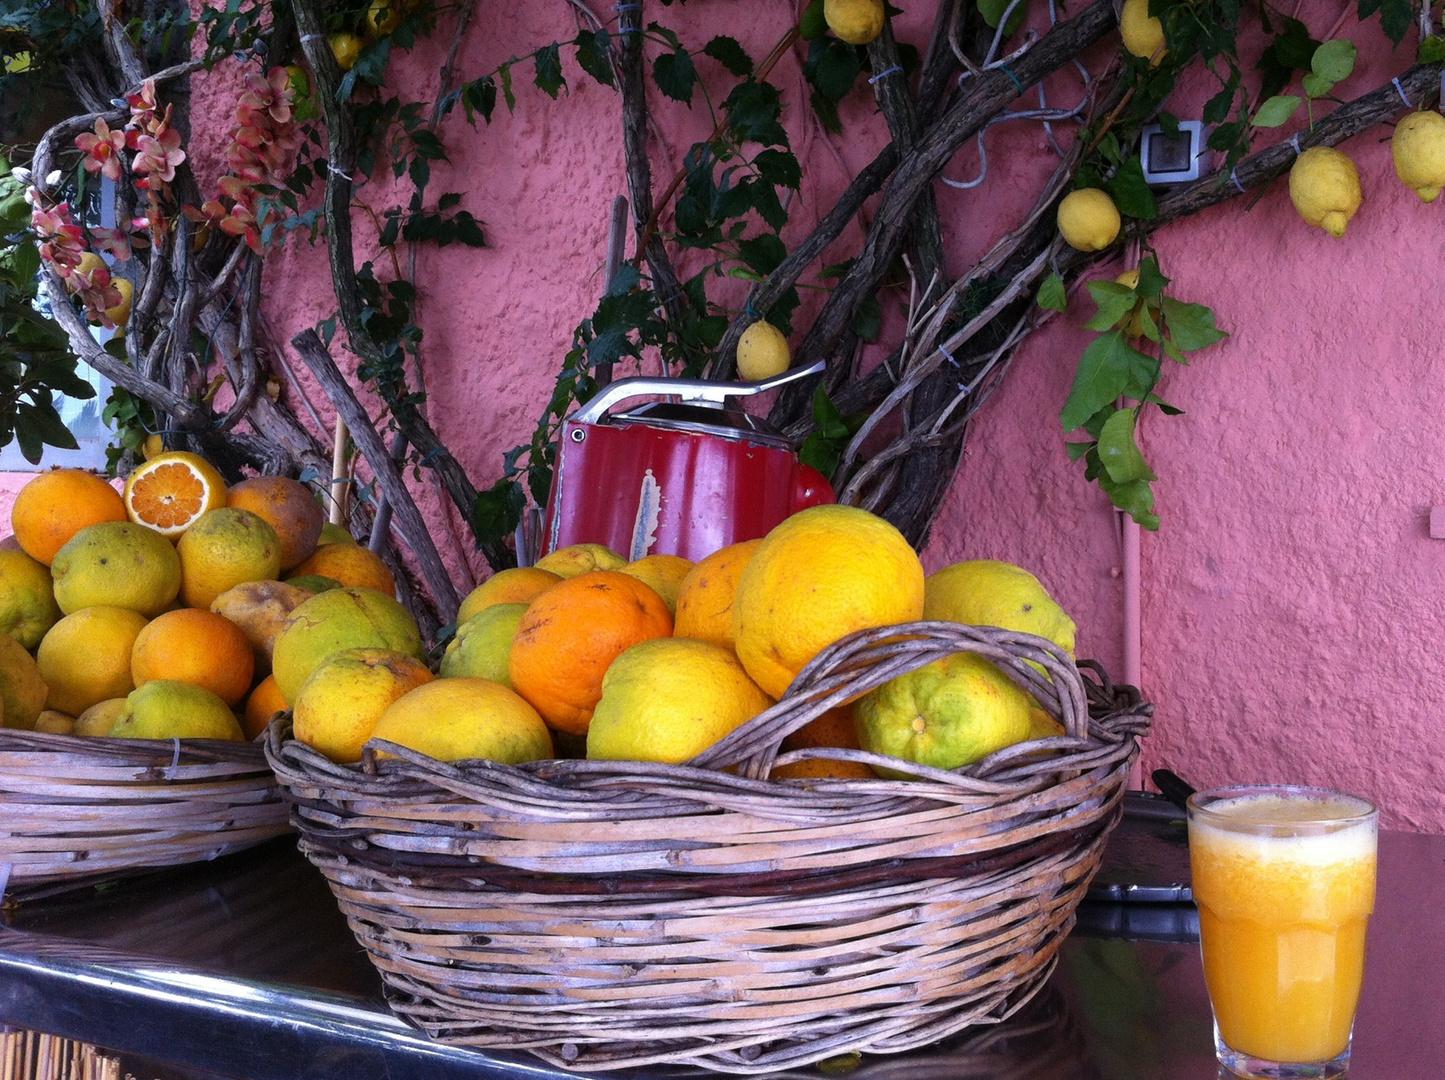 una spremuta d'arancia per favore.....